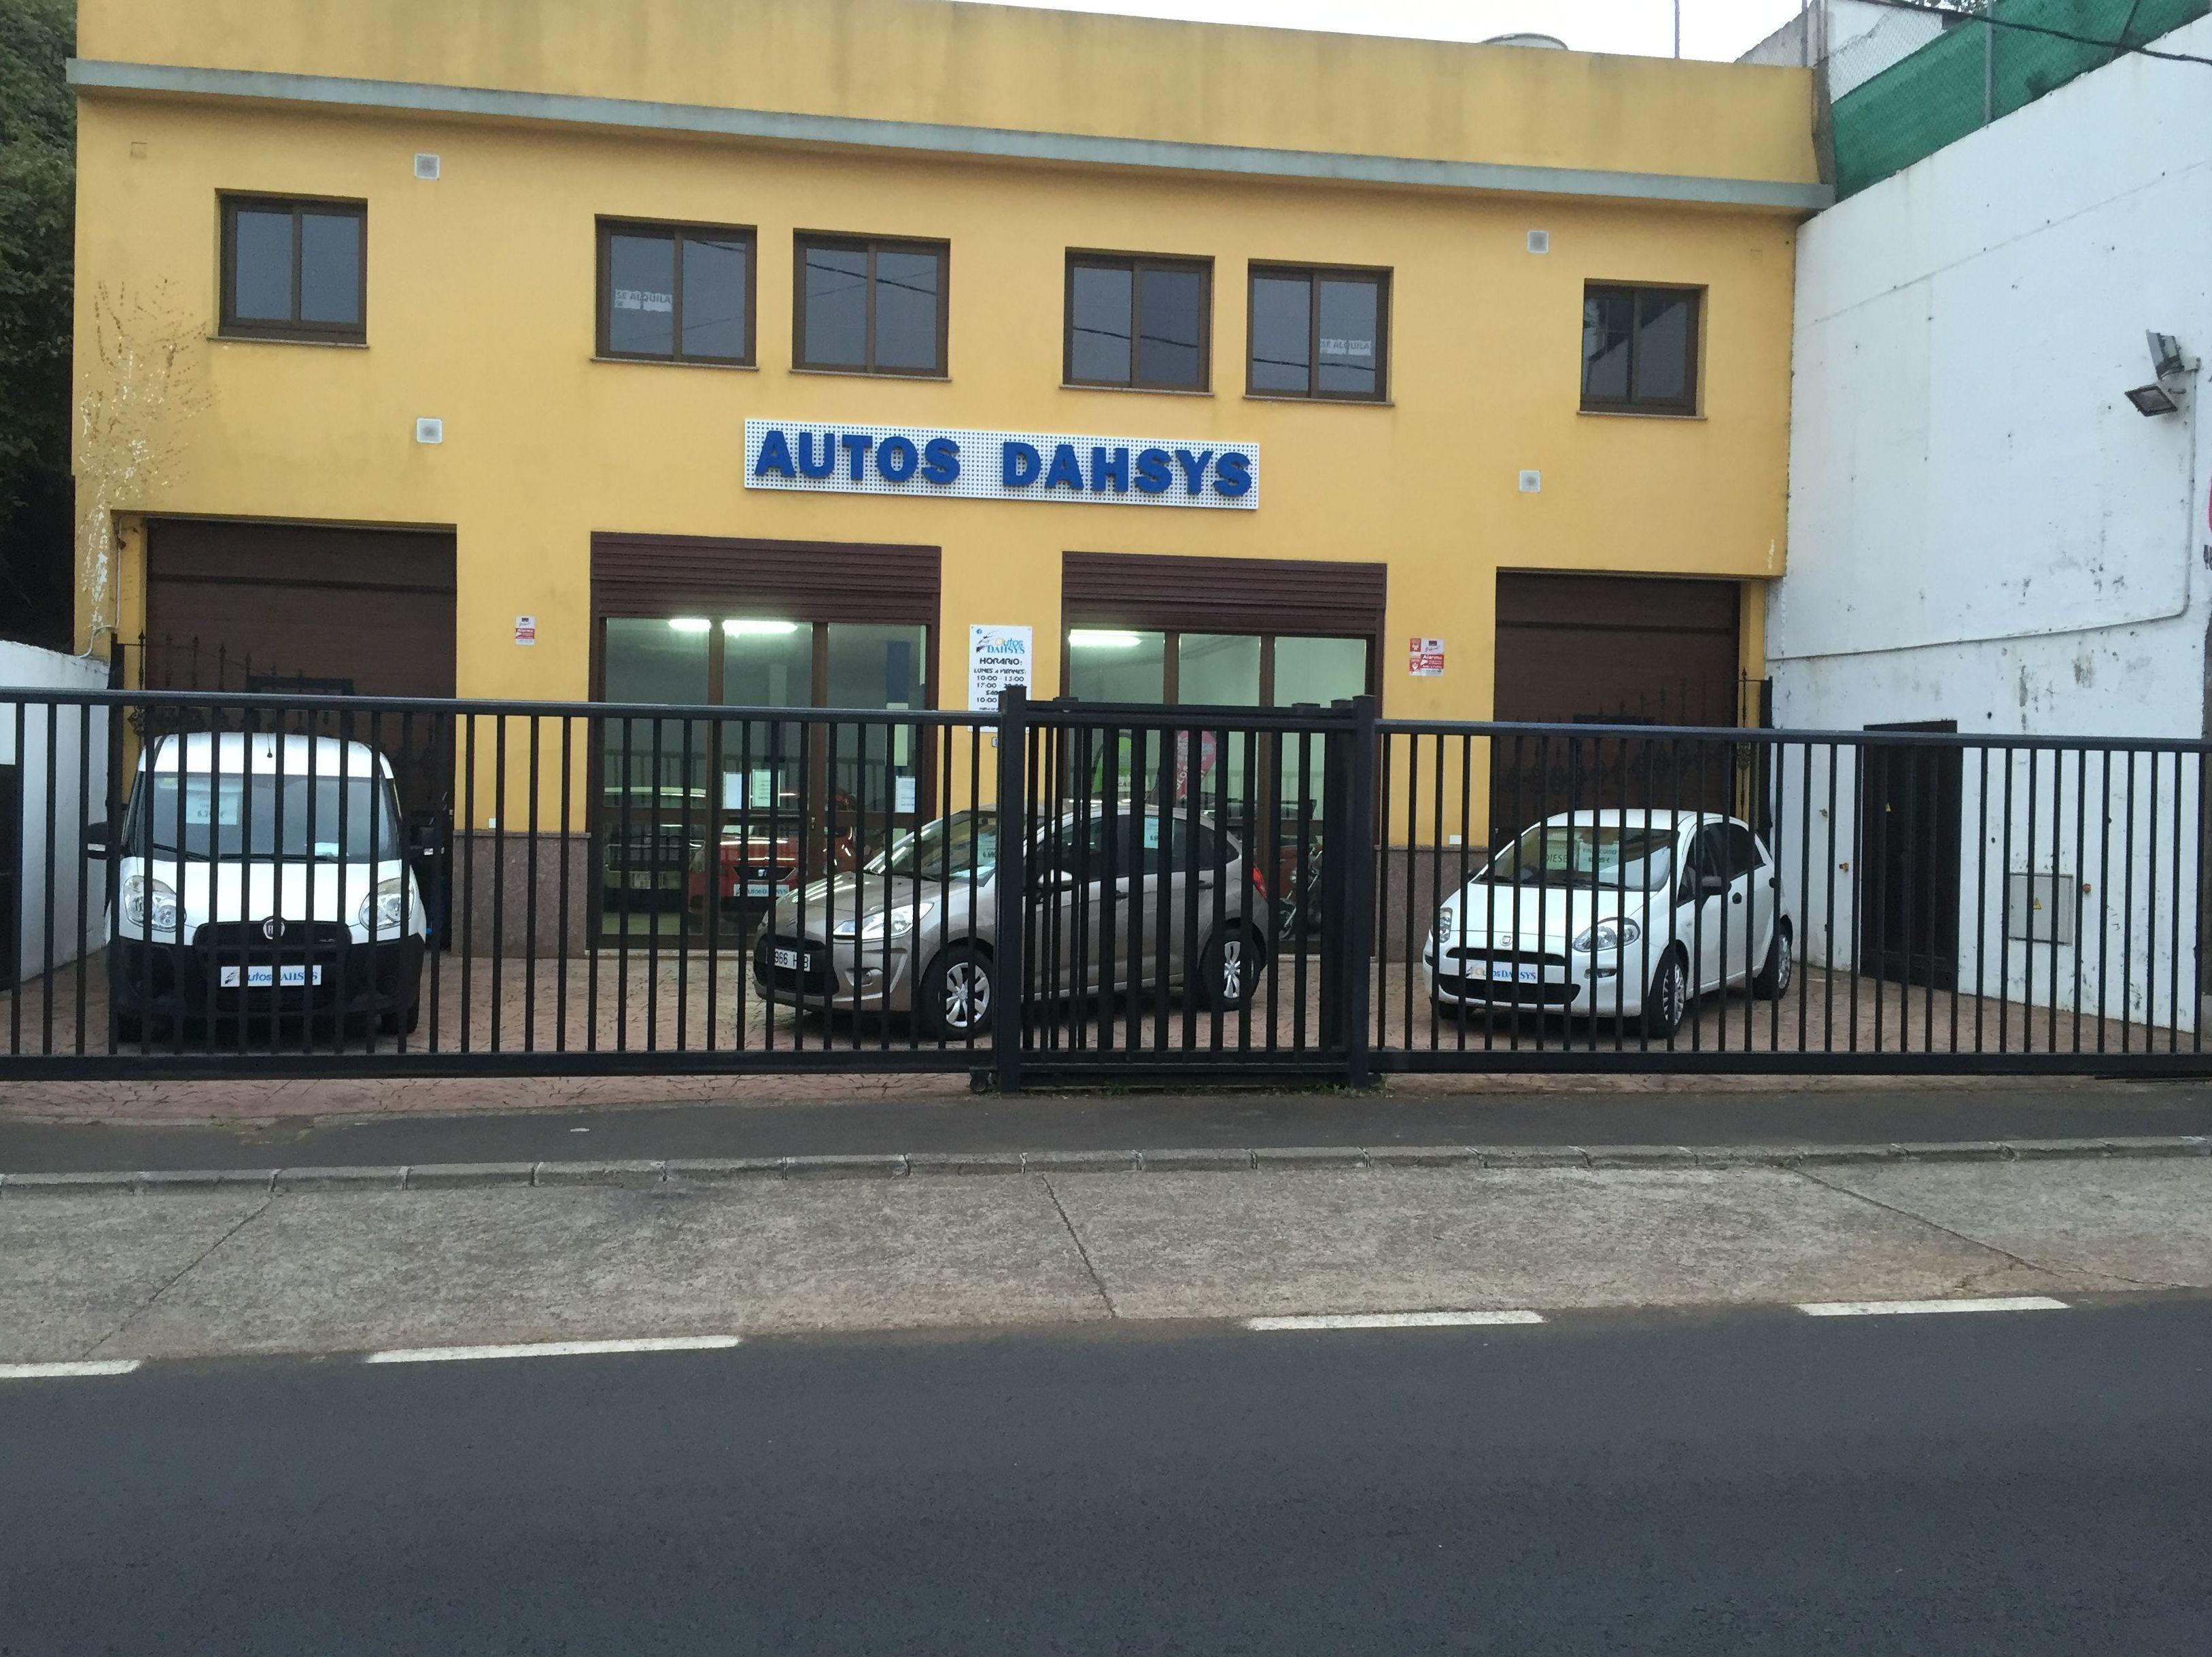 Foto 202 de Talleres de automóviles en Tacoronte | Centro Auto Dahsys